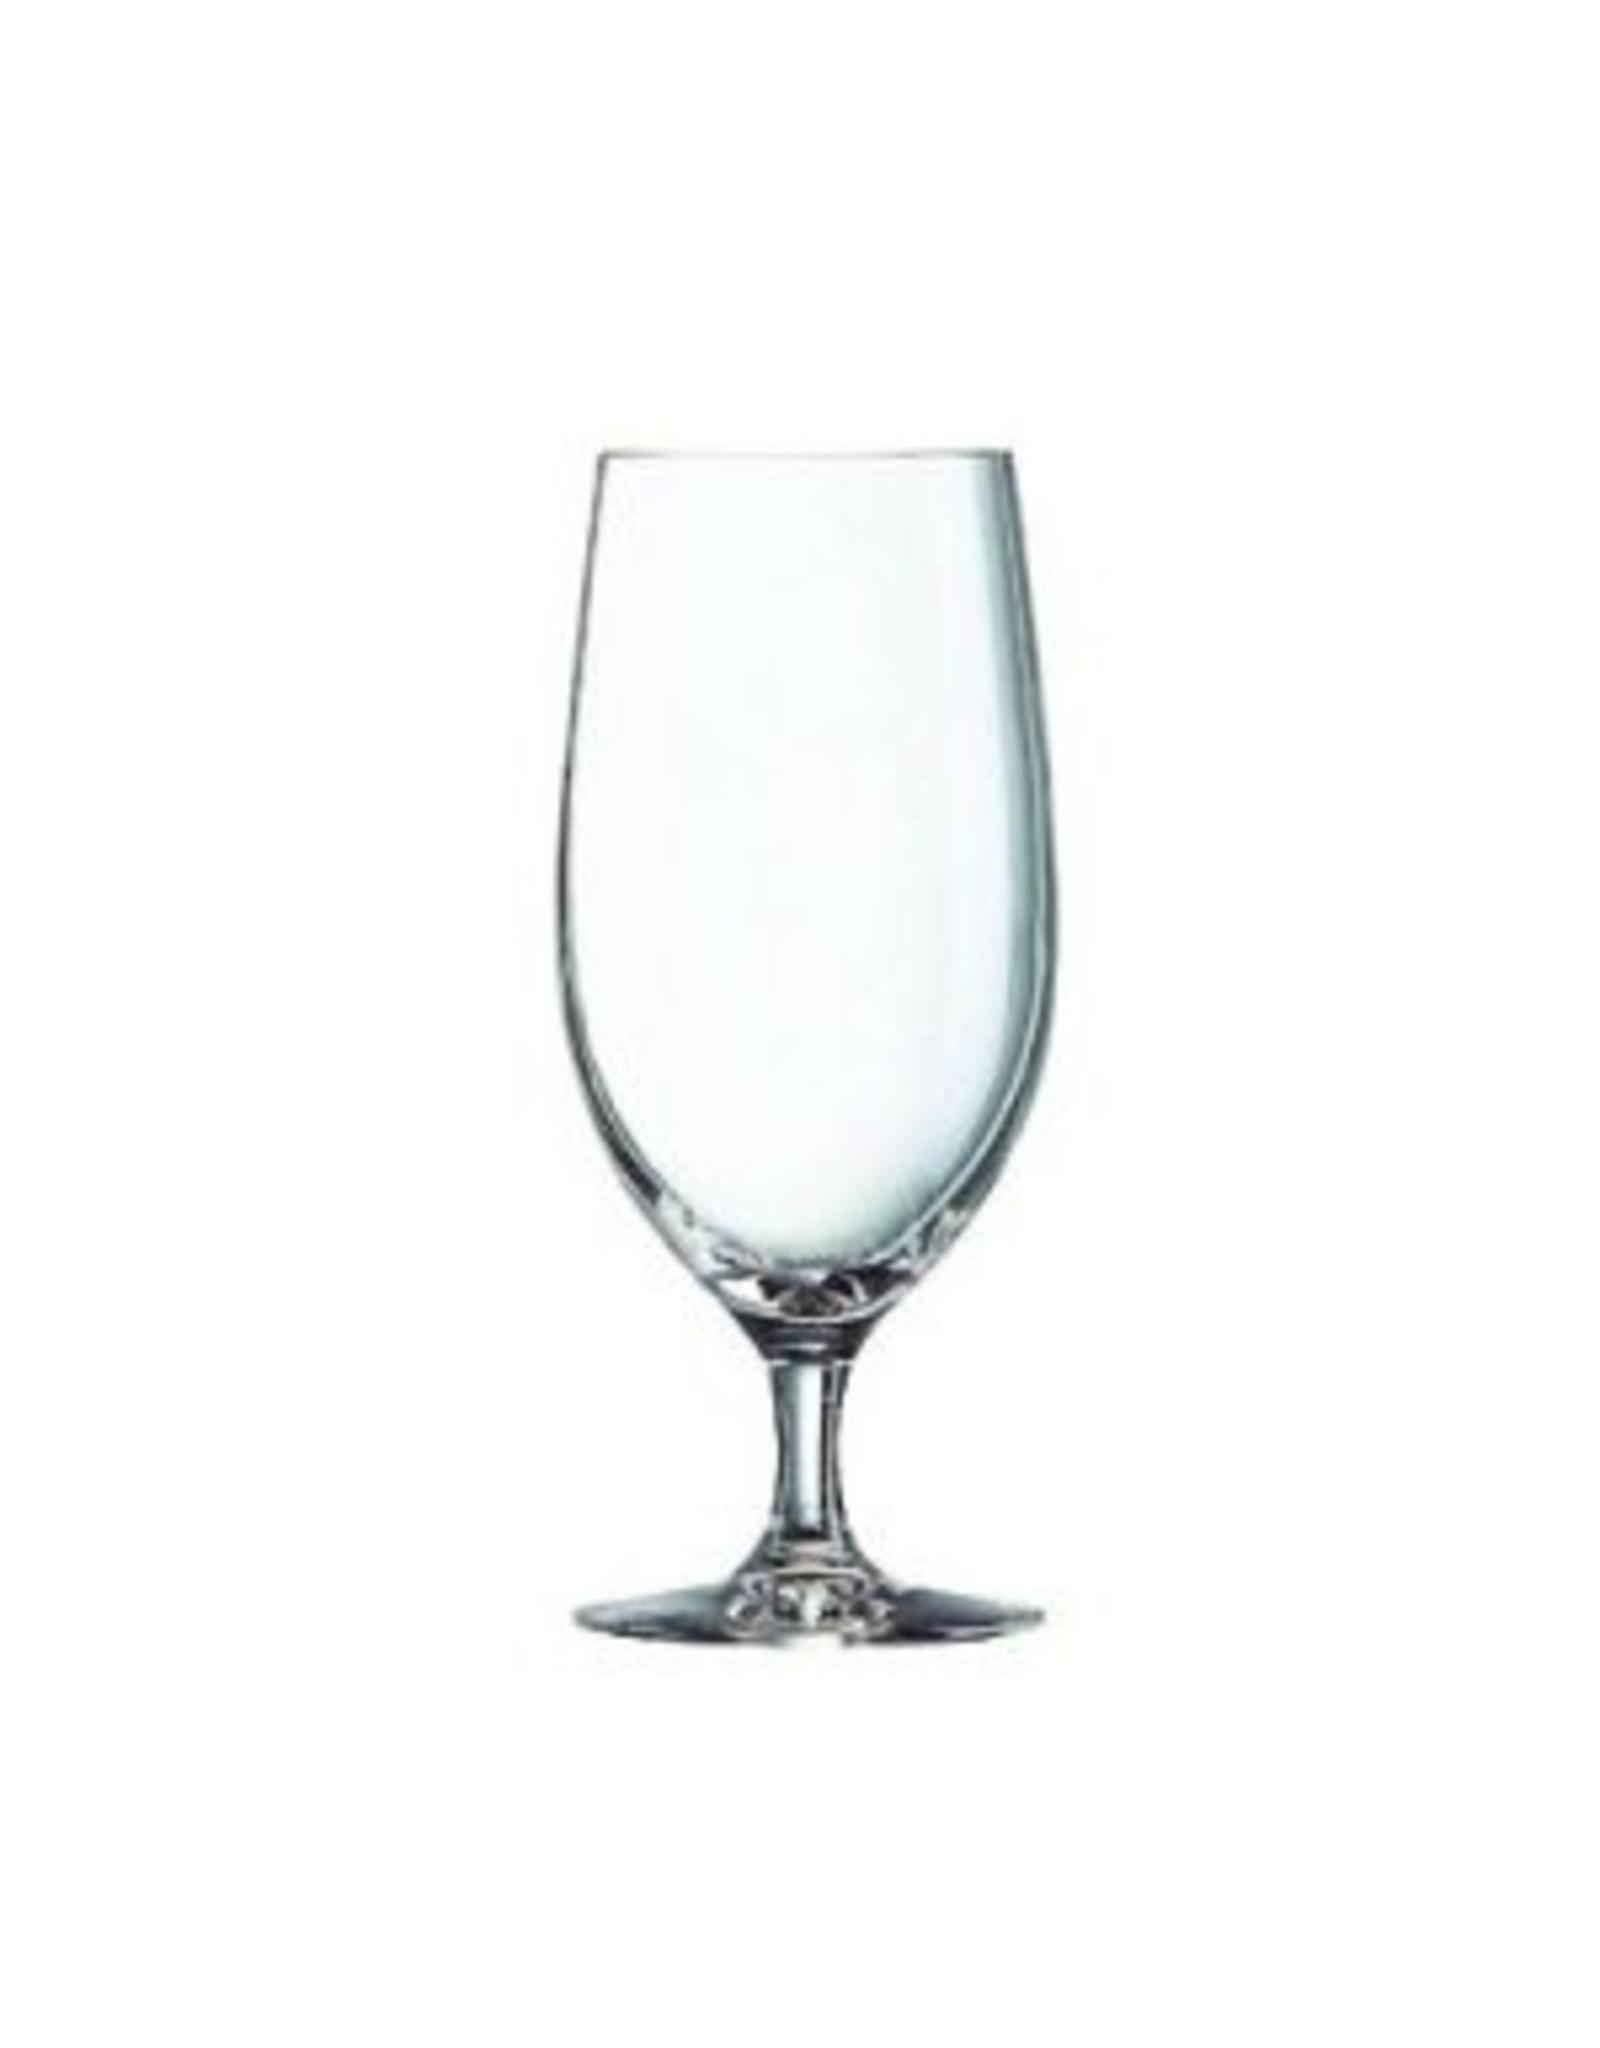 16 OZ GLASS BEER GOBLET